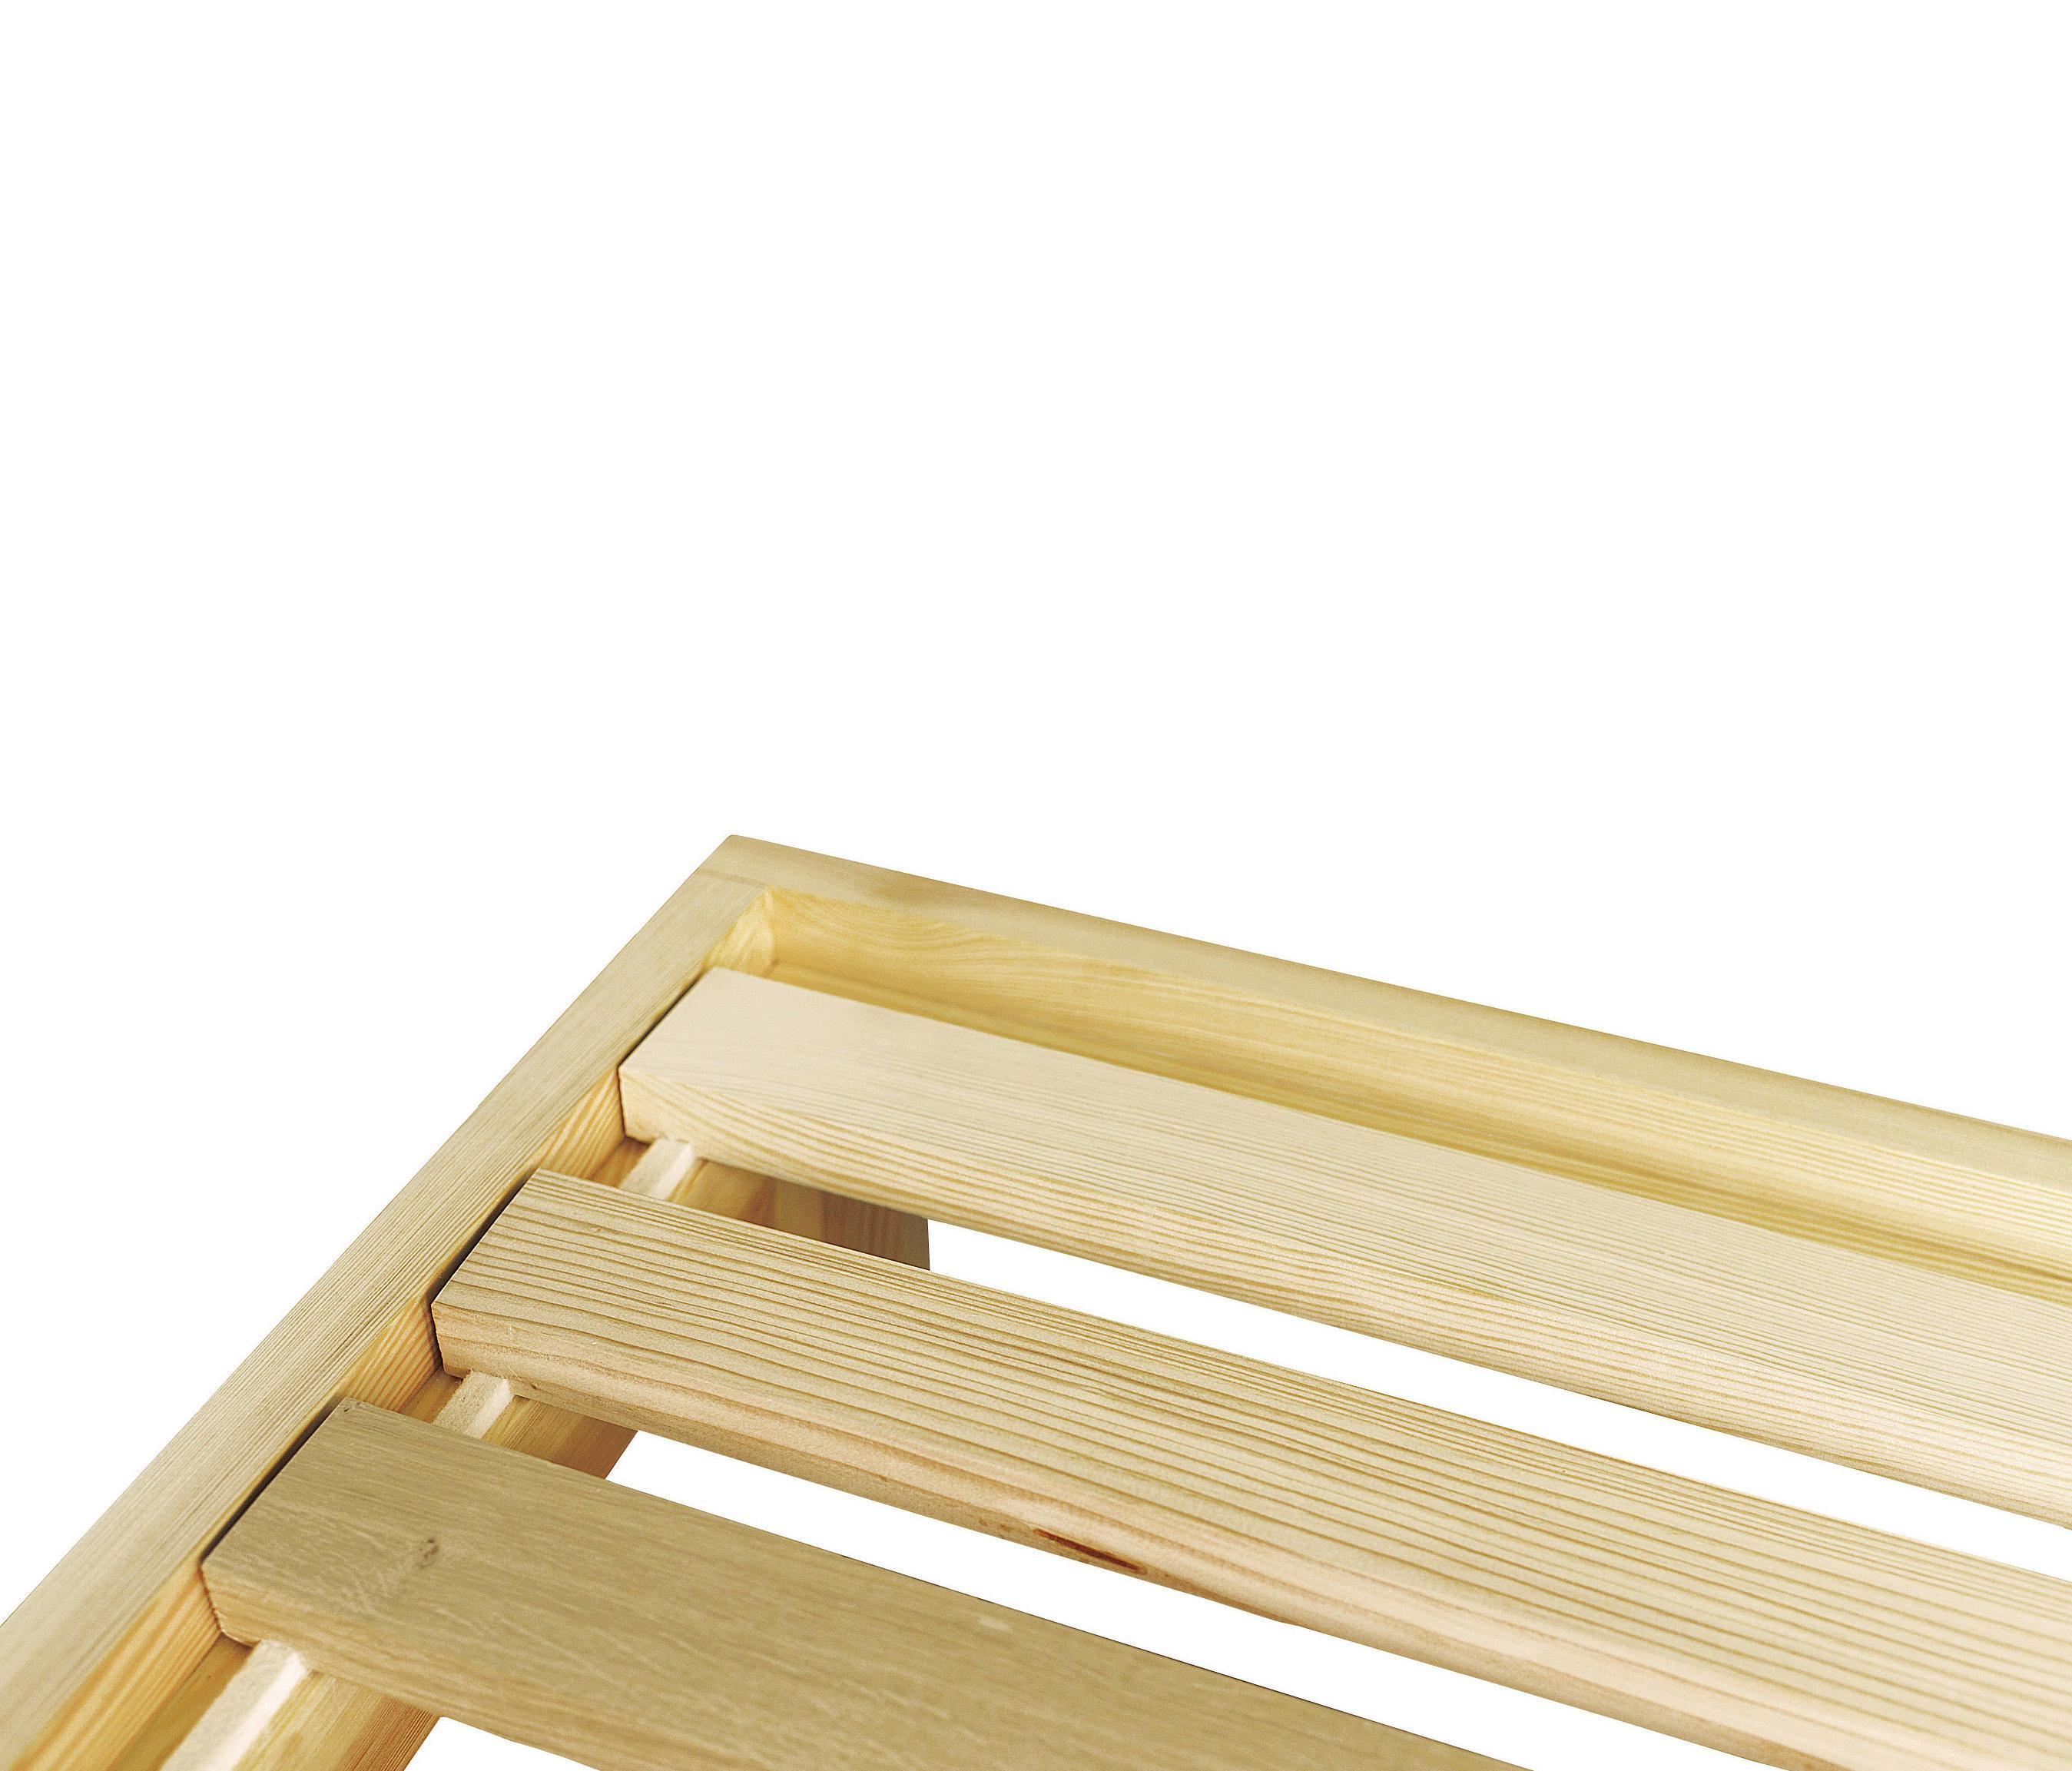 bett mit rckenlehne nolte ipanema bettanlage in gren mit und mit with bett mit rckenlehne. Black Bedroom Furniture Sets. Home Design Ideas